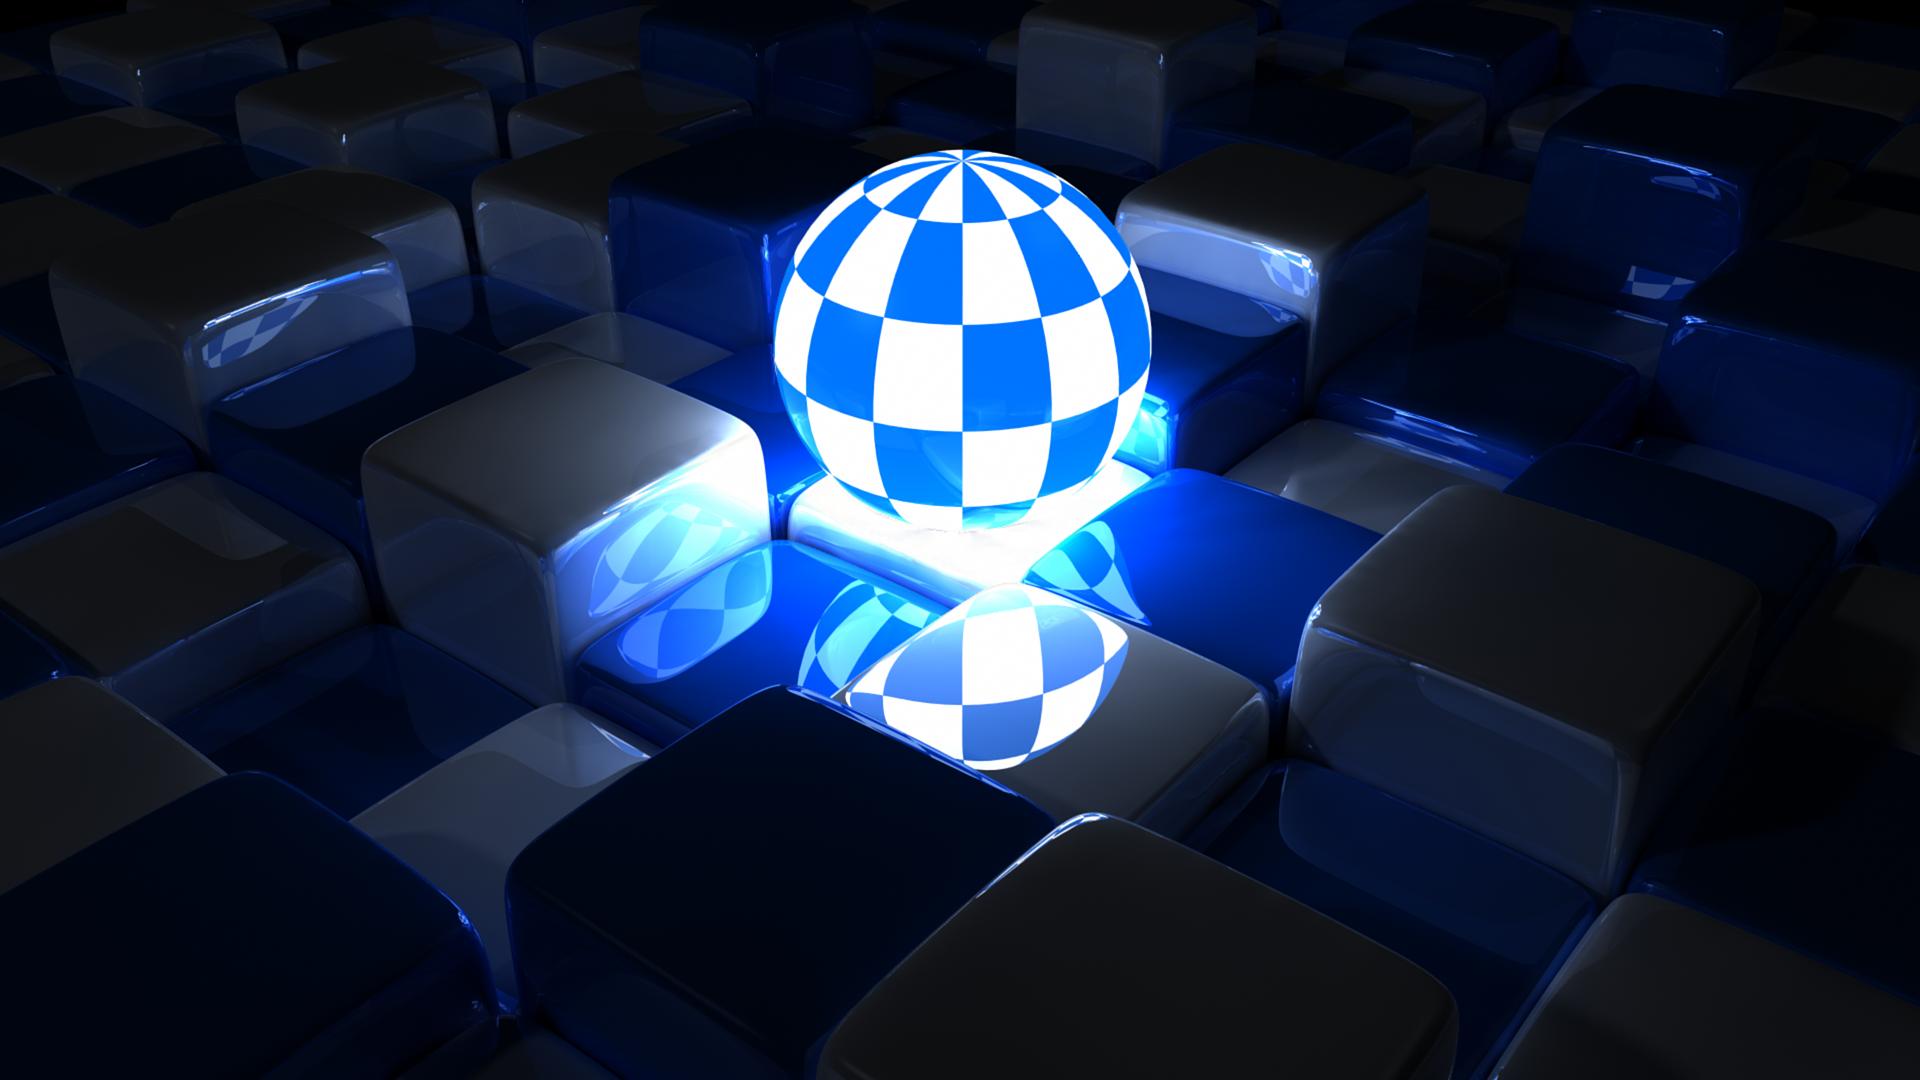 Free Desktop Wallpapers Luminous Wallpapers Wide Luminous